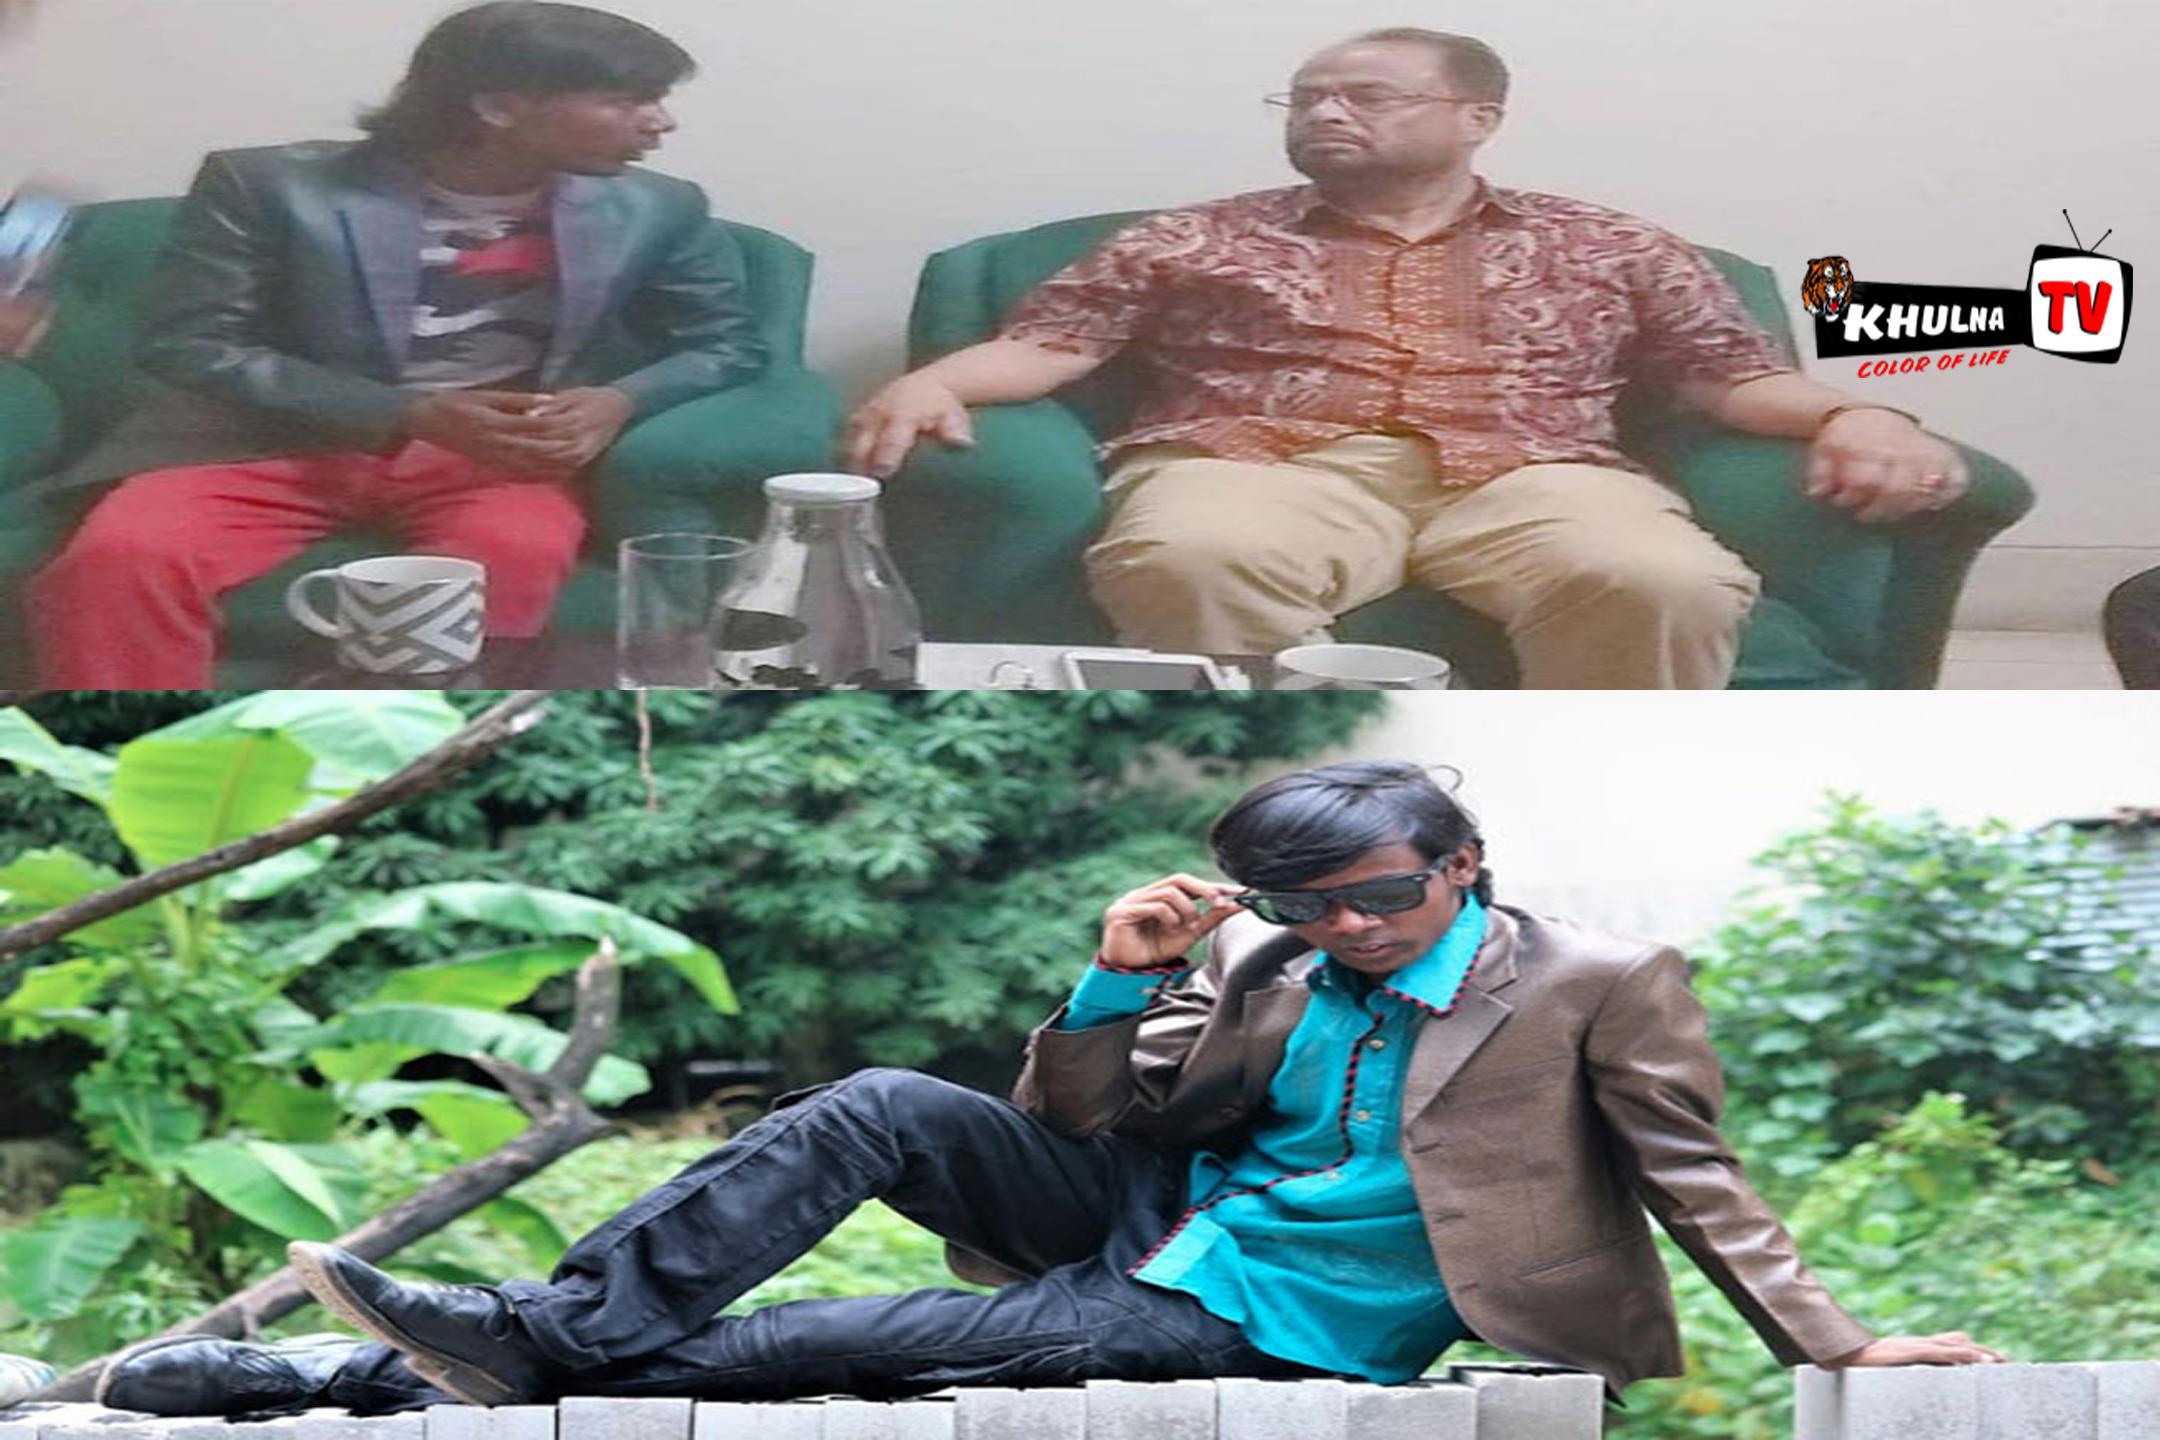 চানাচুর বিক্রেতা ও ডিসের ব্যবসা থেকে এমপি প্রার্থী হিরো আলম!khulna tv